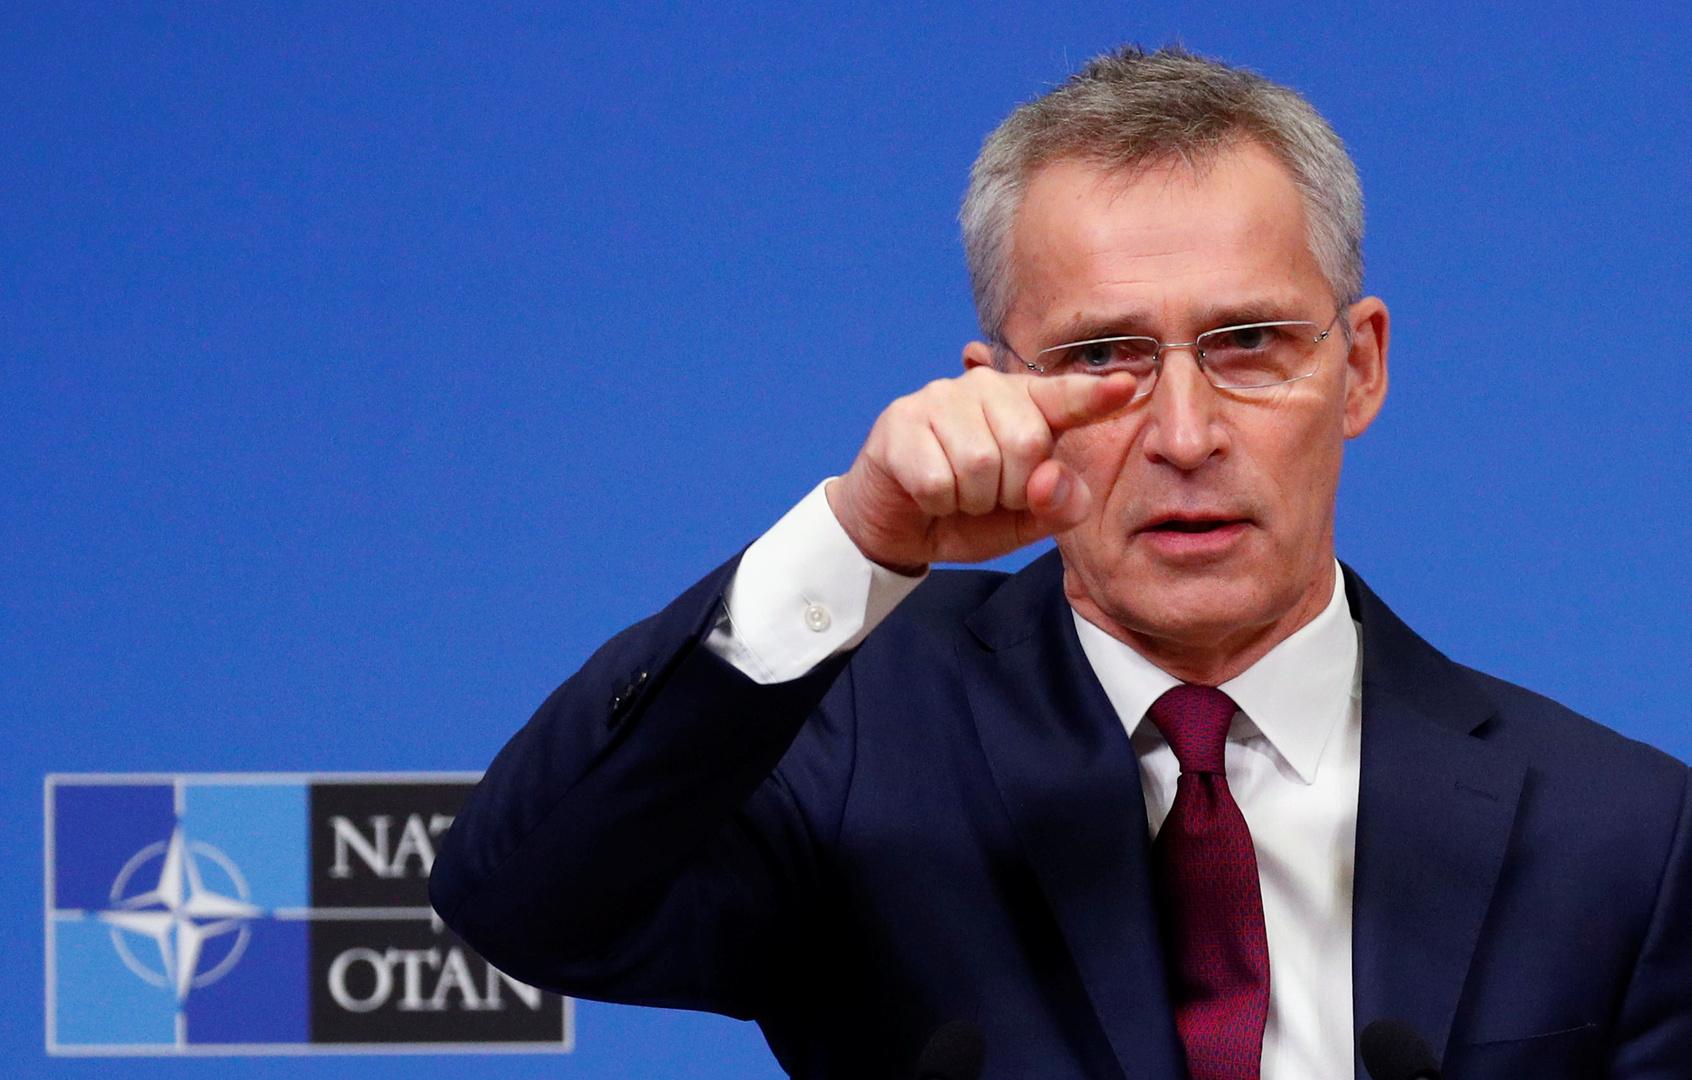 ستولتنبرغ: تركيا واليونان حليفان مهمان ويجب منع وقوع الحوادث بينهما